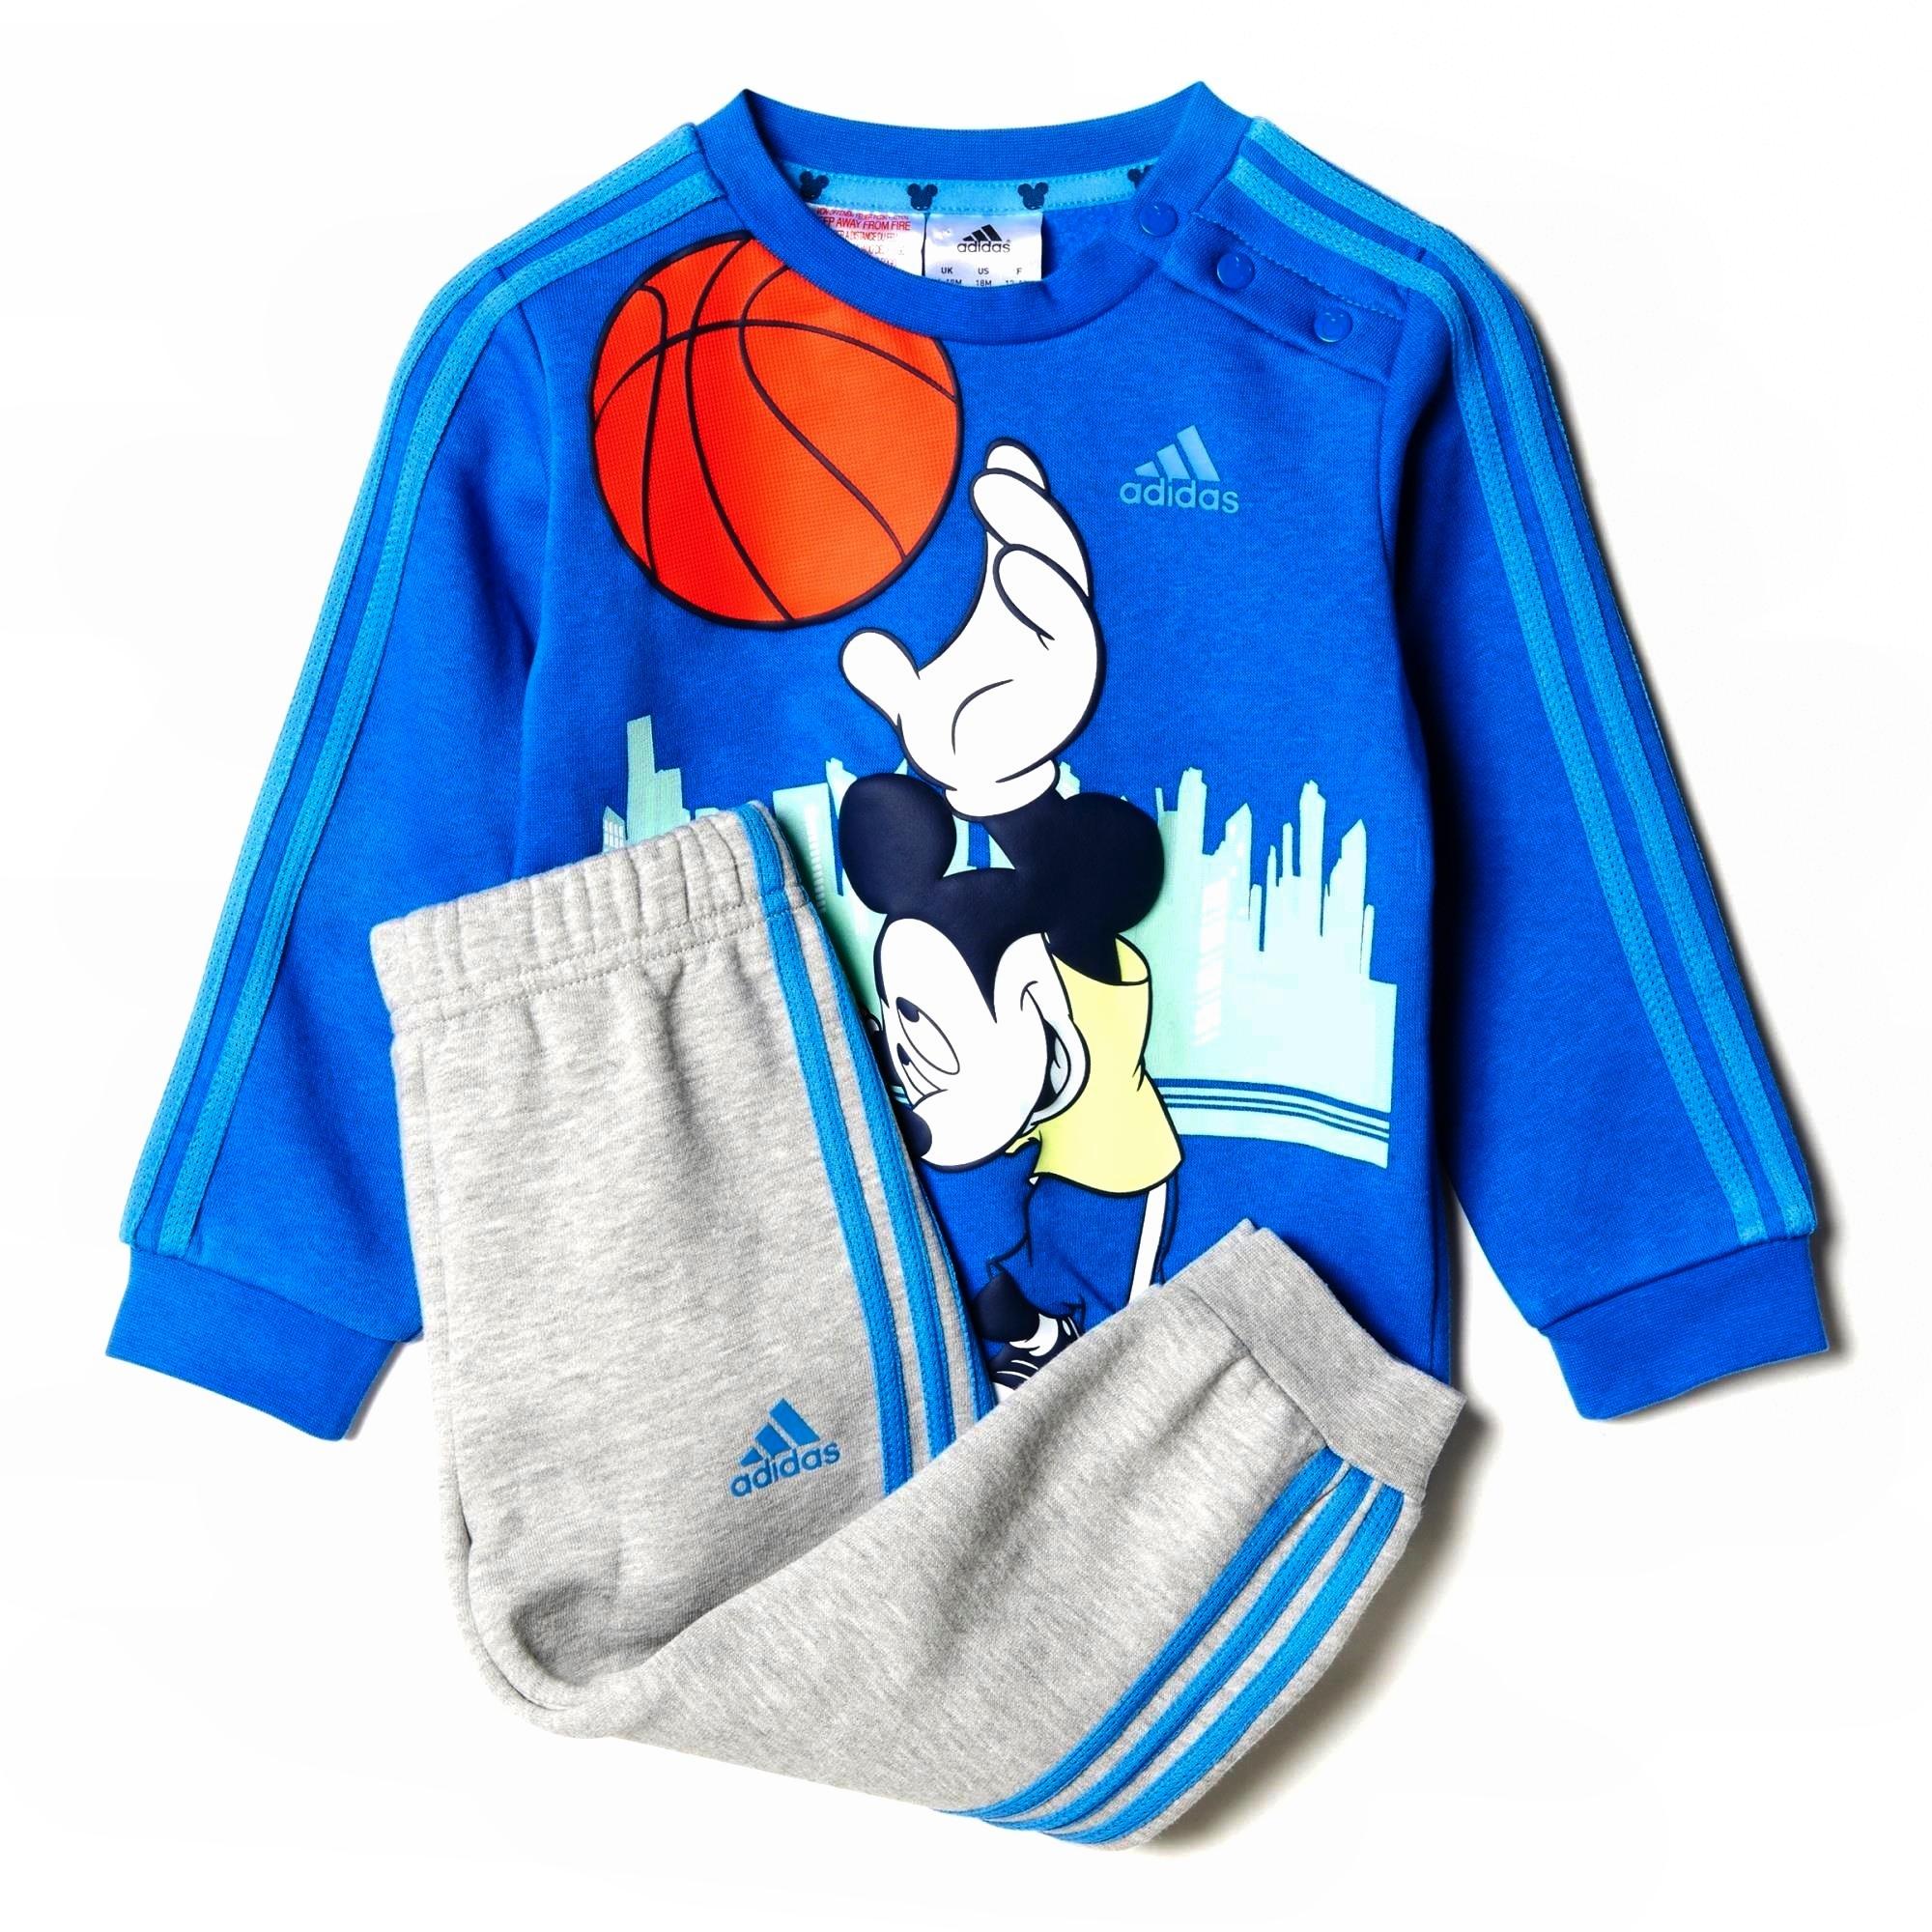 8e5f3816c198 Adidas Chándal Disney Mickey Mouse Infantil (azul/gris)